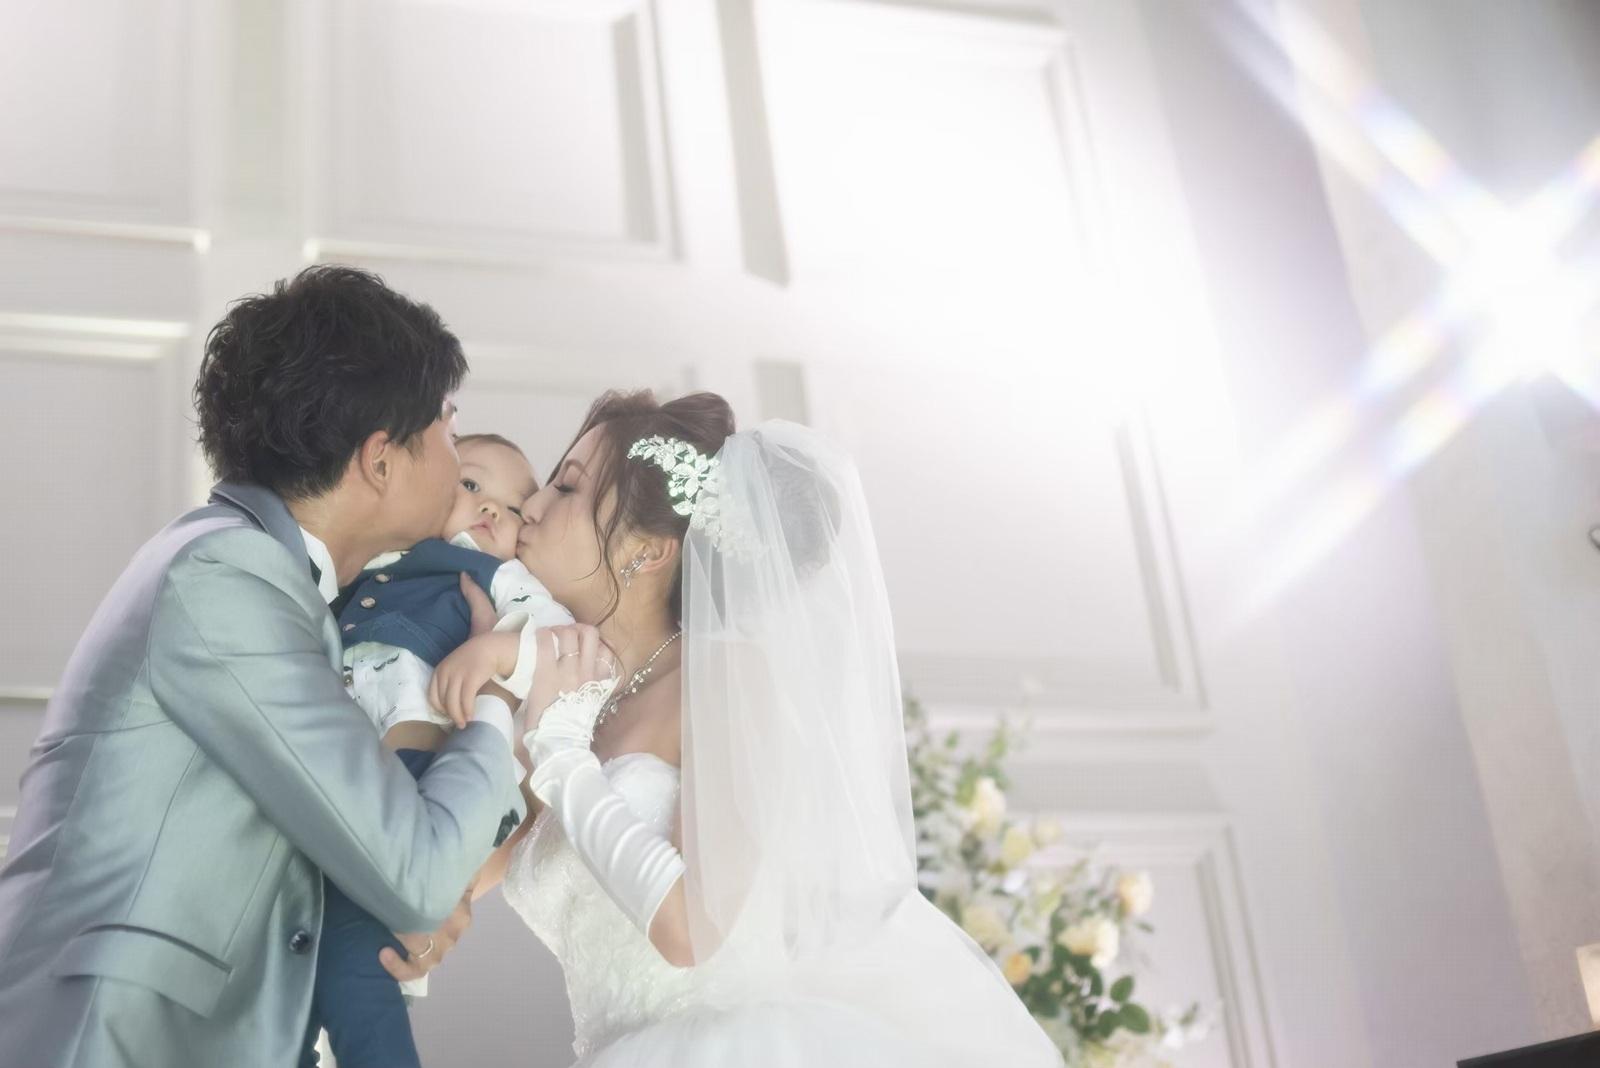 香川県の結婚式場シェルエメール&アイスタイルの誓いのキス